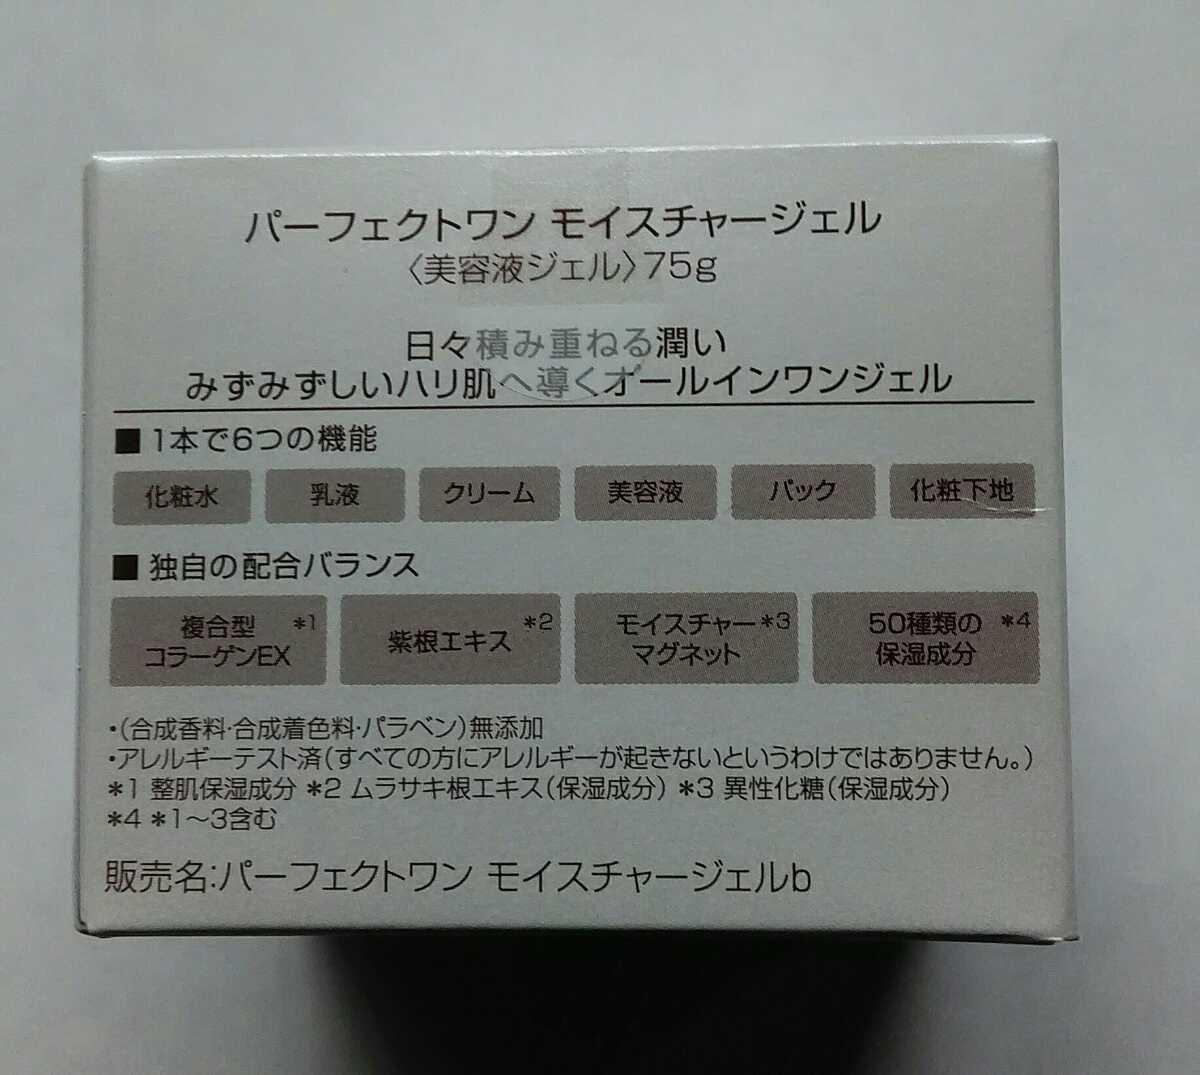 ☆即決☆送料無料☆新日本製薬 パーフェクトワン モイスチャージェル 75g